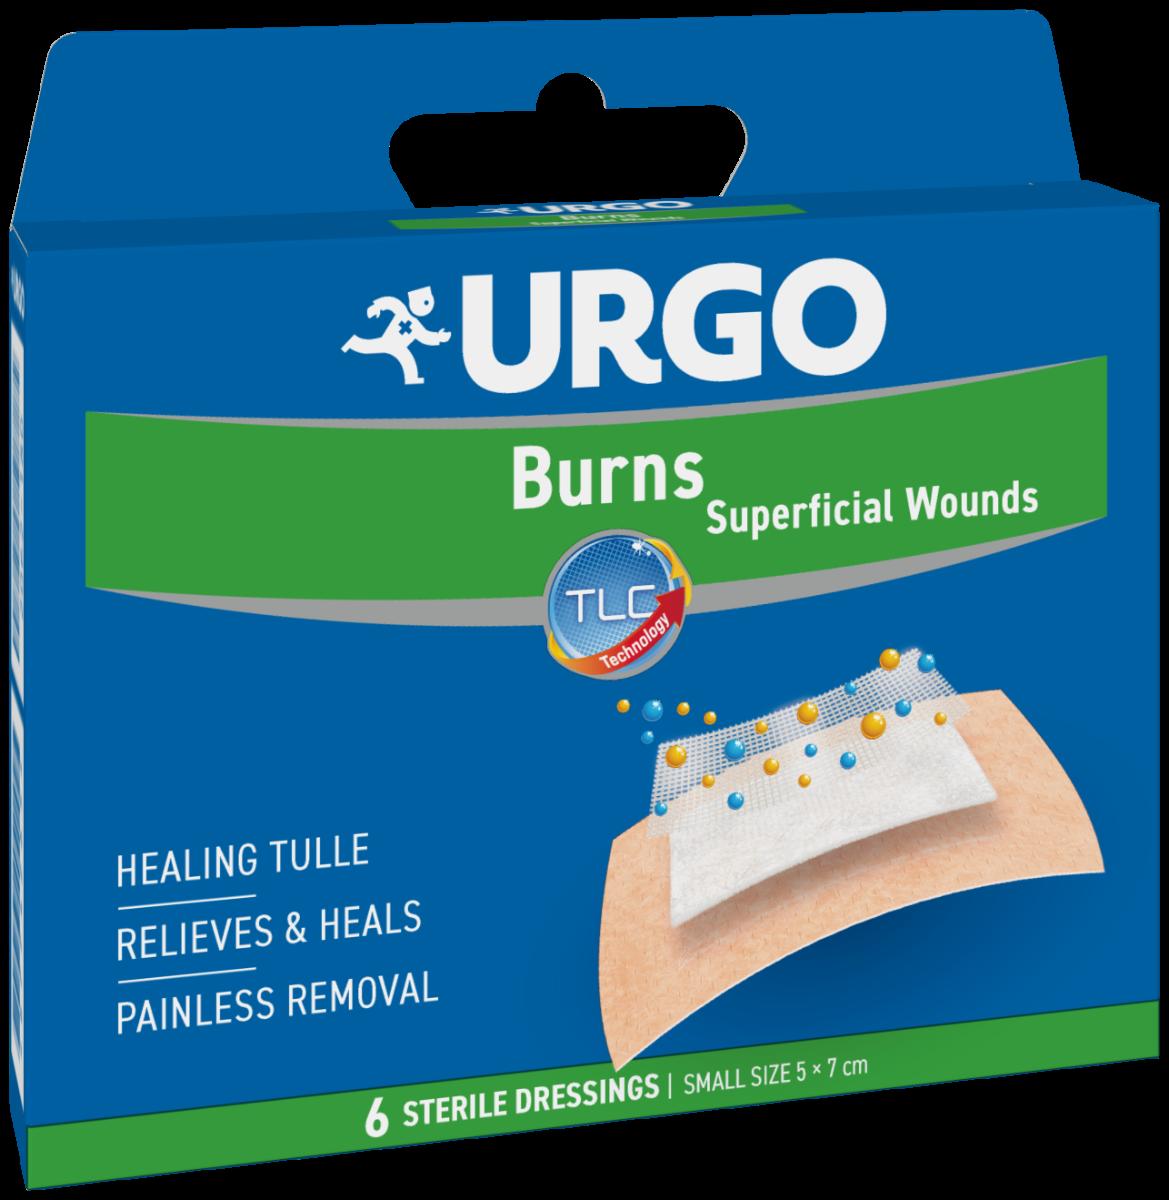 Plasturi mici pentru arsuri si rani superficiale, 5x7 cm, 6 bucati, Urgo imagine produs 2021